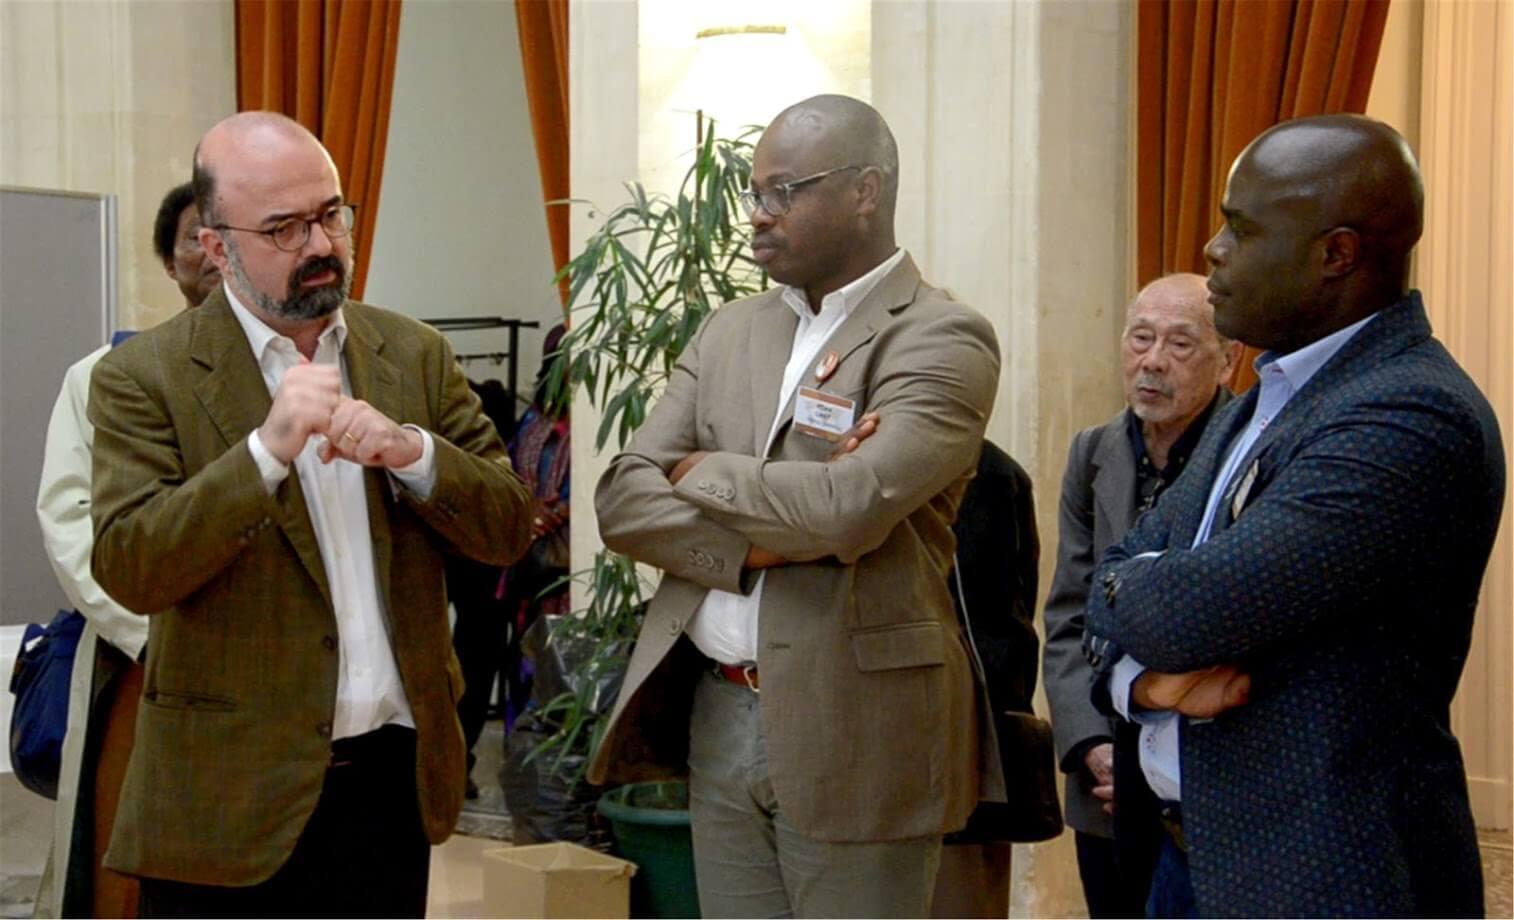 Un moment de prise de parole. Dans l'ordre : François-Xavier Reymond, Délégué adjoint pour les relations avec la société civile et les partenariats MEAE (gauche), Thierno CAMARA (centre), Mackendie Toupuissant (droite)